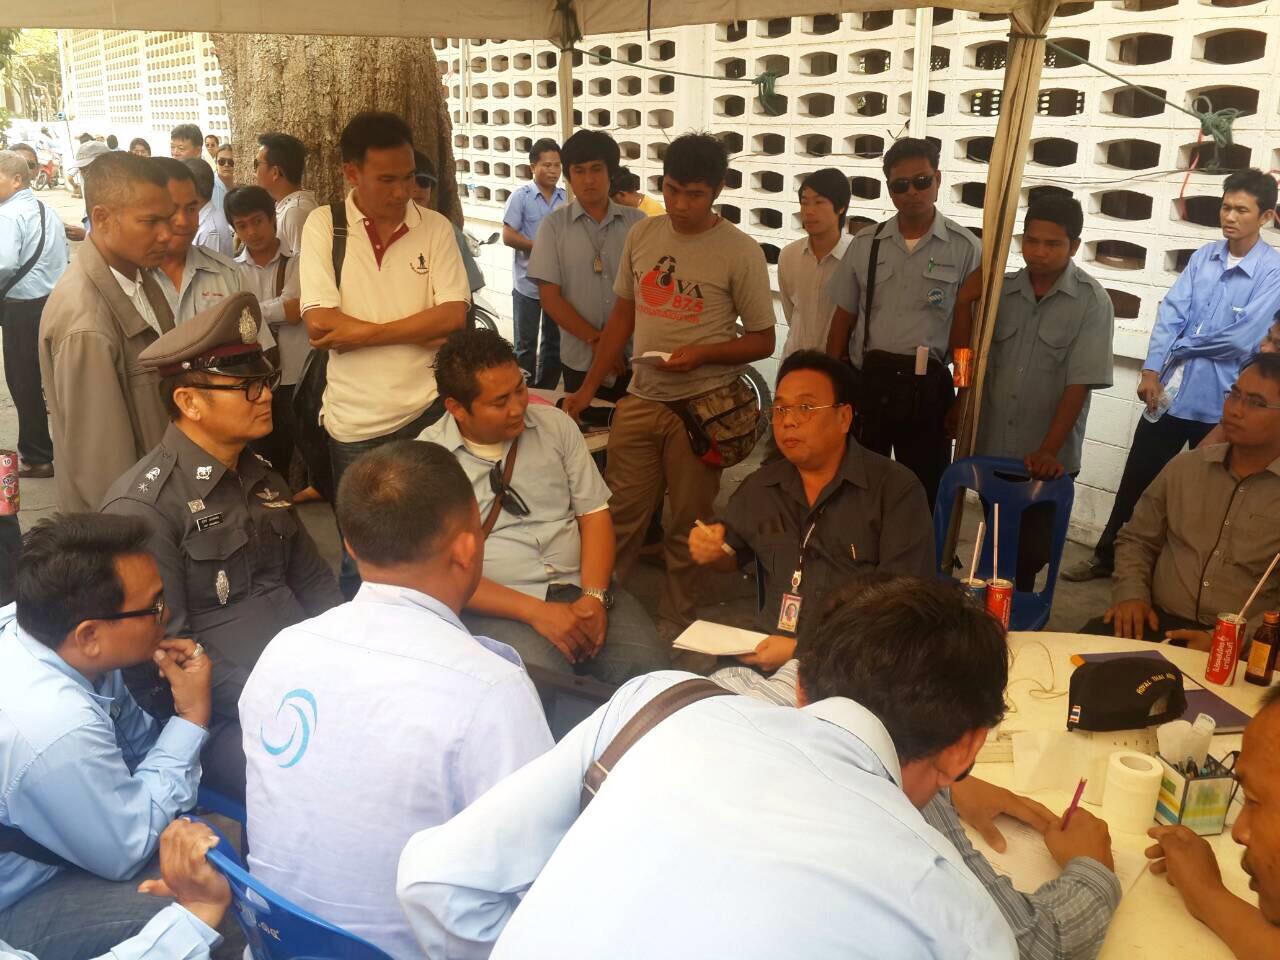 ผู้ประกอบการแท็กซี่เมืองพัทยาเข้าร้องเรียนกับทหาร